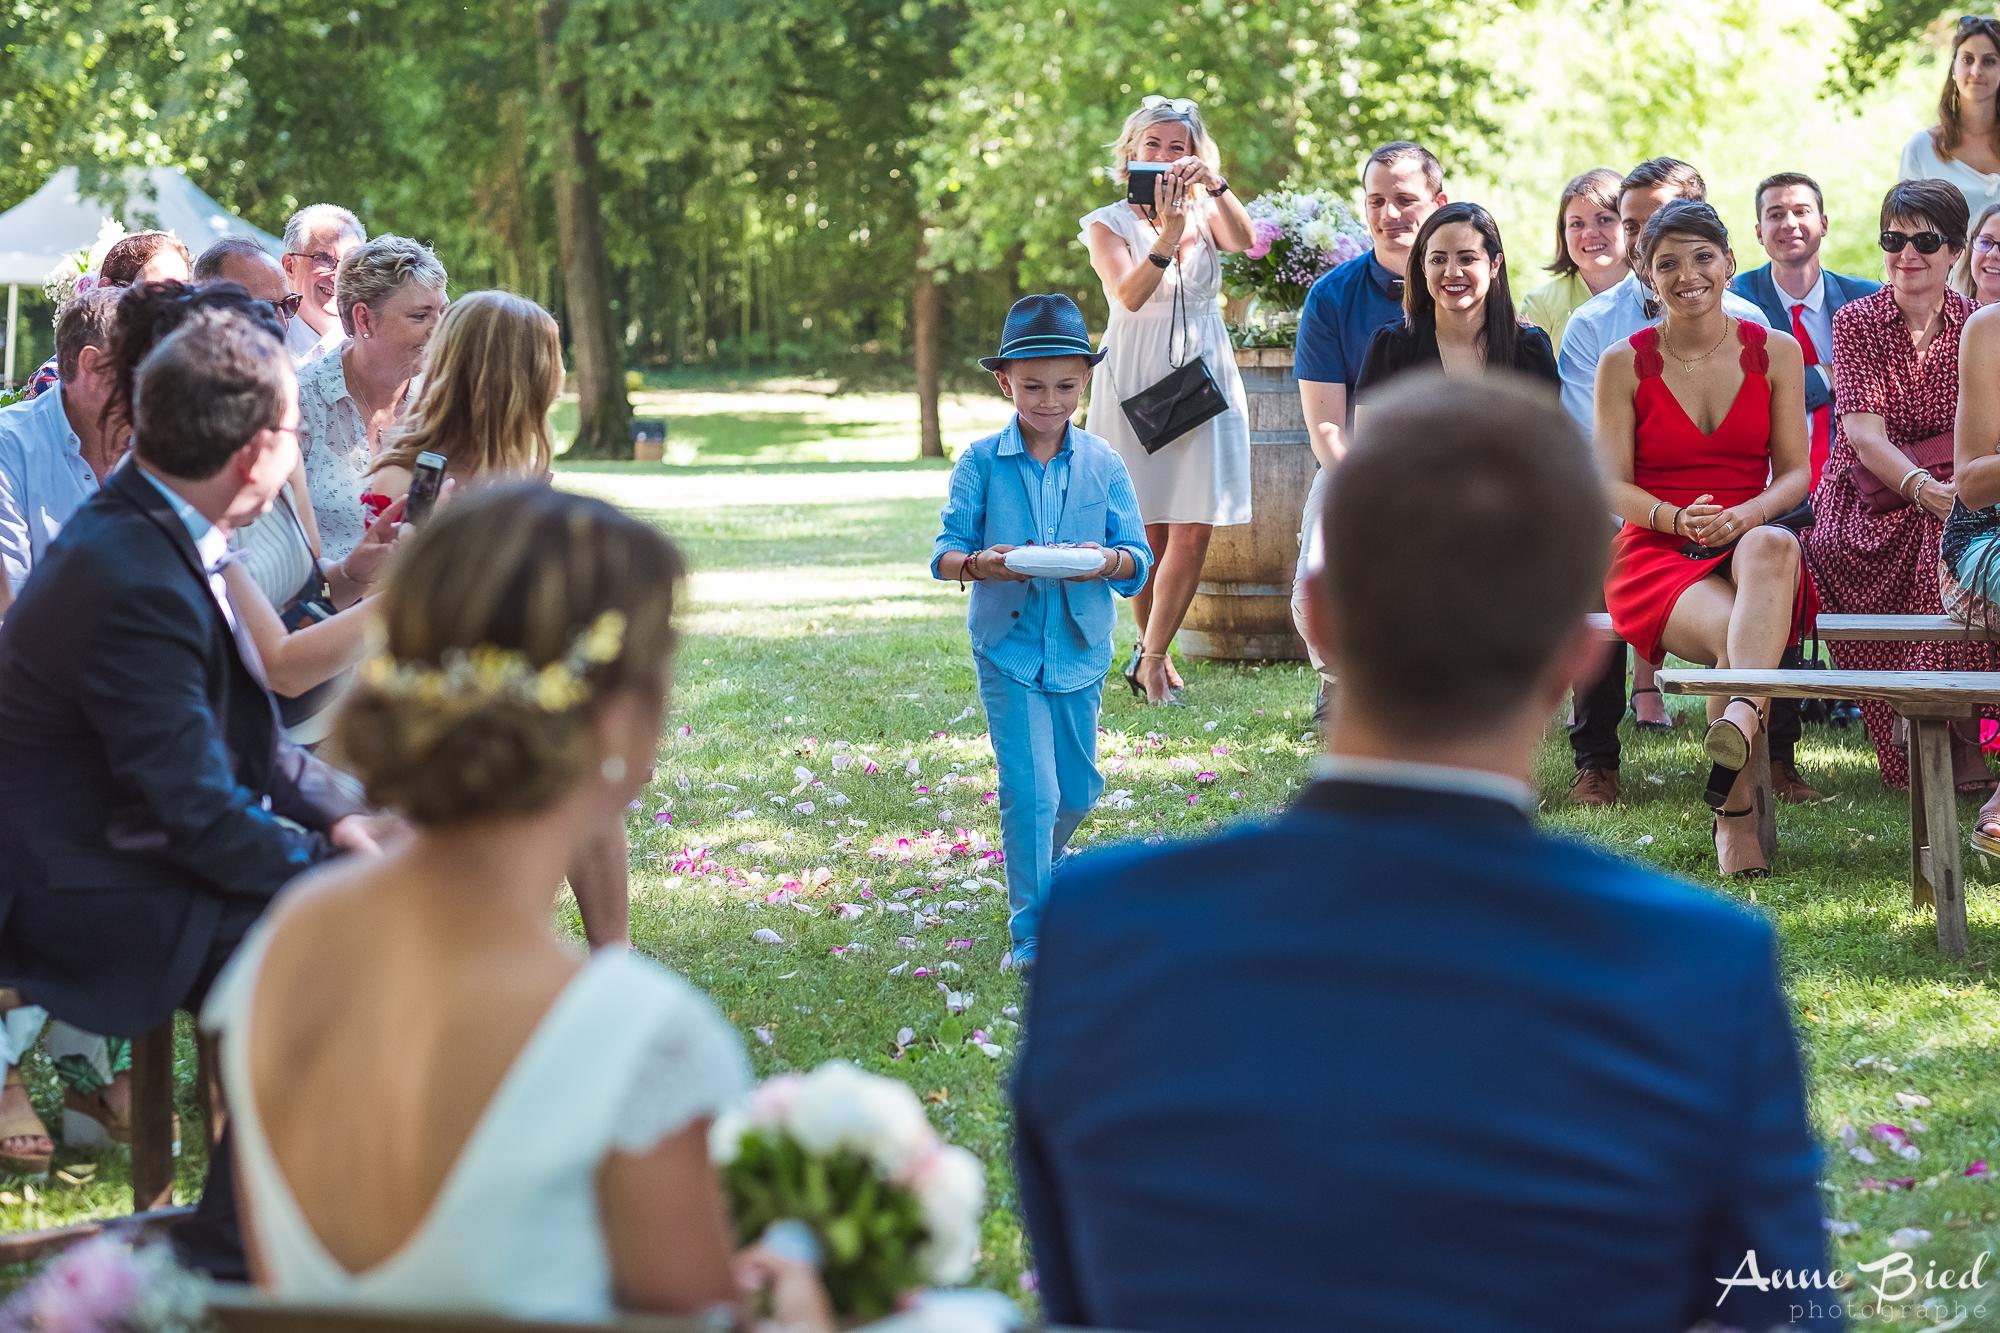 reportage mariage - anne bied - photographe mariage bourgogne - photographe mariage yvelines - photographe mariage ceremonie laique